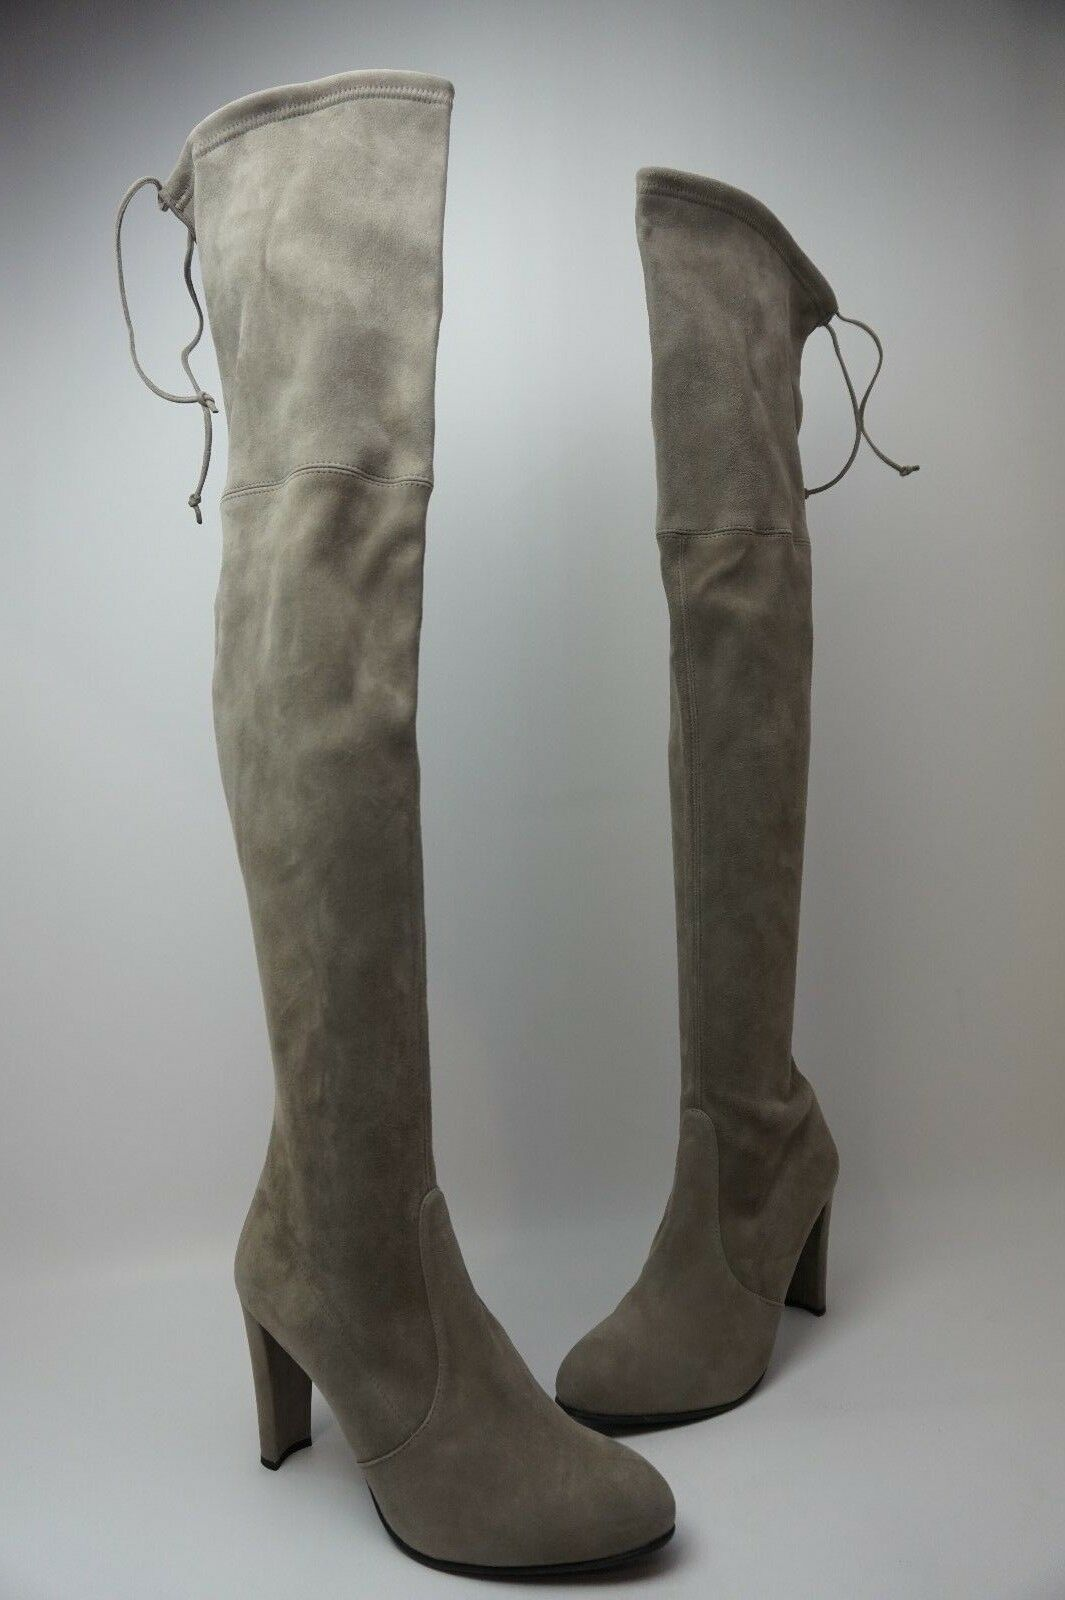 Stuart Weitzman Hochland Overknee Overknee Overknee Topo Grau Wildleder Stiefel Größe UK 11 M  72c953